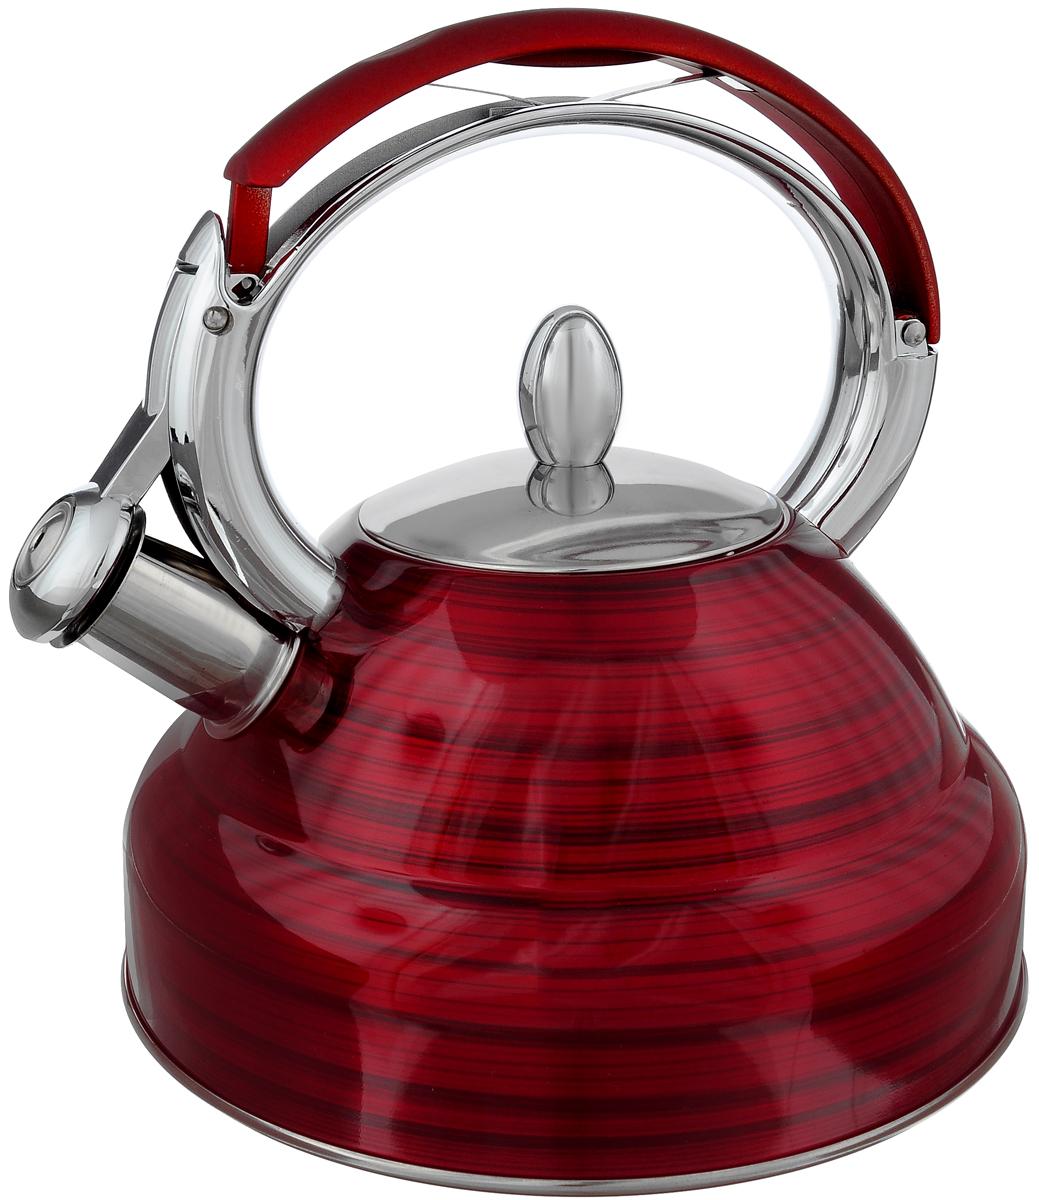 Чайник Mayer & Boch, со свистком, цвет: красный, 2,7 л. 2320523205Чайник Mayer & Boch выполнен из высококачественной нержавеющей стали, что делает его весьма гигиеничным и устойчивым к износу при длительном использовании. Носик чайника оснащен насадкой-свистком, что позволит вам контролировать процесс подогрева или кипячения воды. Фиксированная ручка, изготовленная из нейлона и цинка, дает дополнительное удобство при разлитии напитка. Поверхность чайника гладкая, что облегчает уход за ним. Эстетичный и функциональный, с эксклюзивным дизайном, чайник будет оригинально смотреться в любом интерьере. Подходит для всех типов плит, включая индукционные. Можно мыть в посудомоечной машине. Высота чайника (без учета ручки и крышки): 11,5 см. Высота чайника (с учетом ручки и крышки): 24 см. Диаметр чайника (по верхнему краю): 10 см.